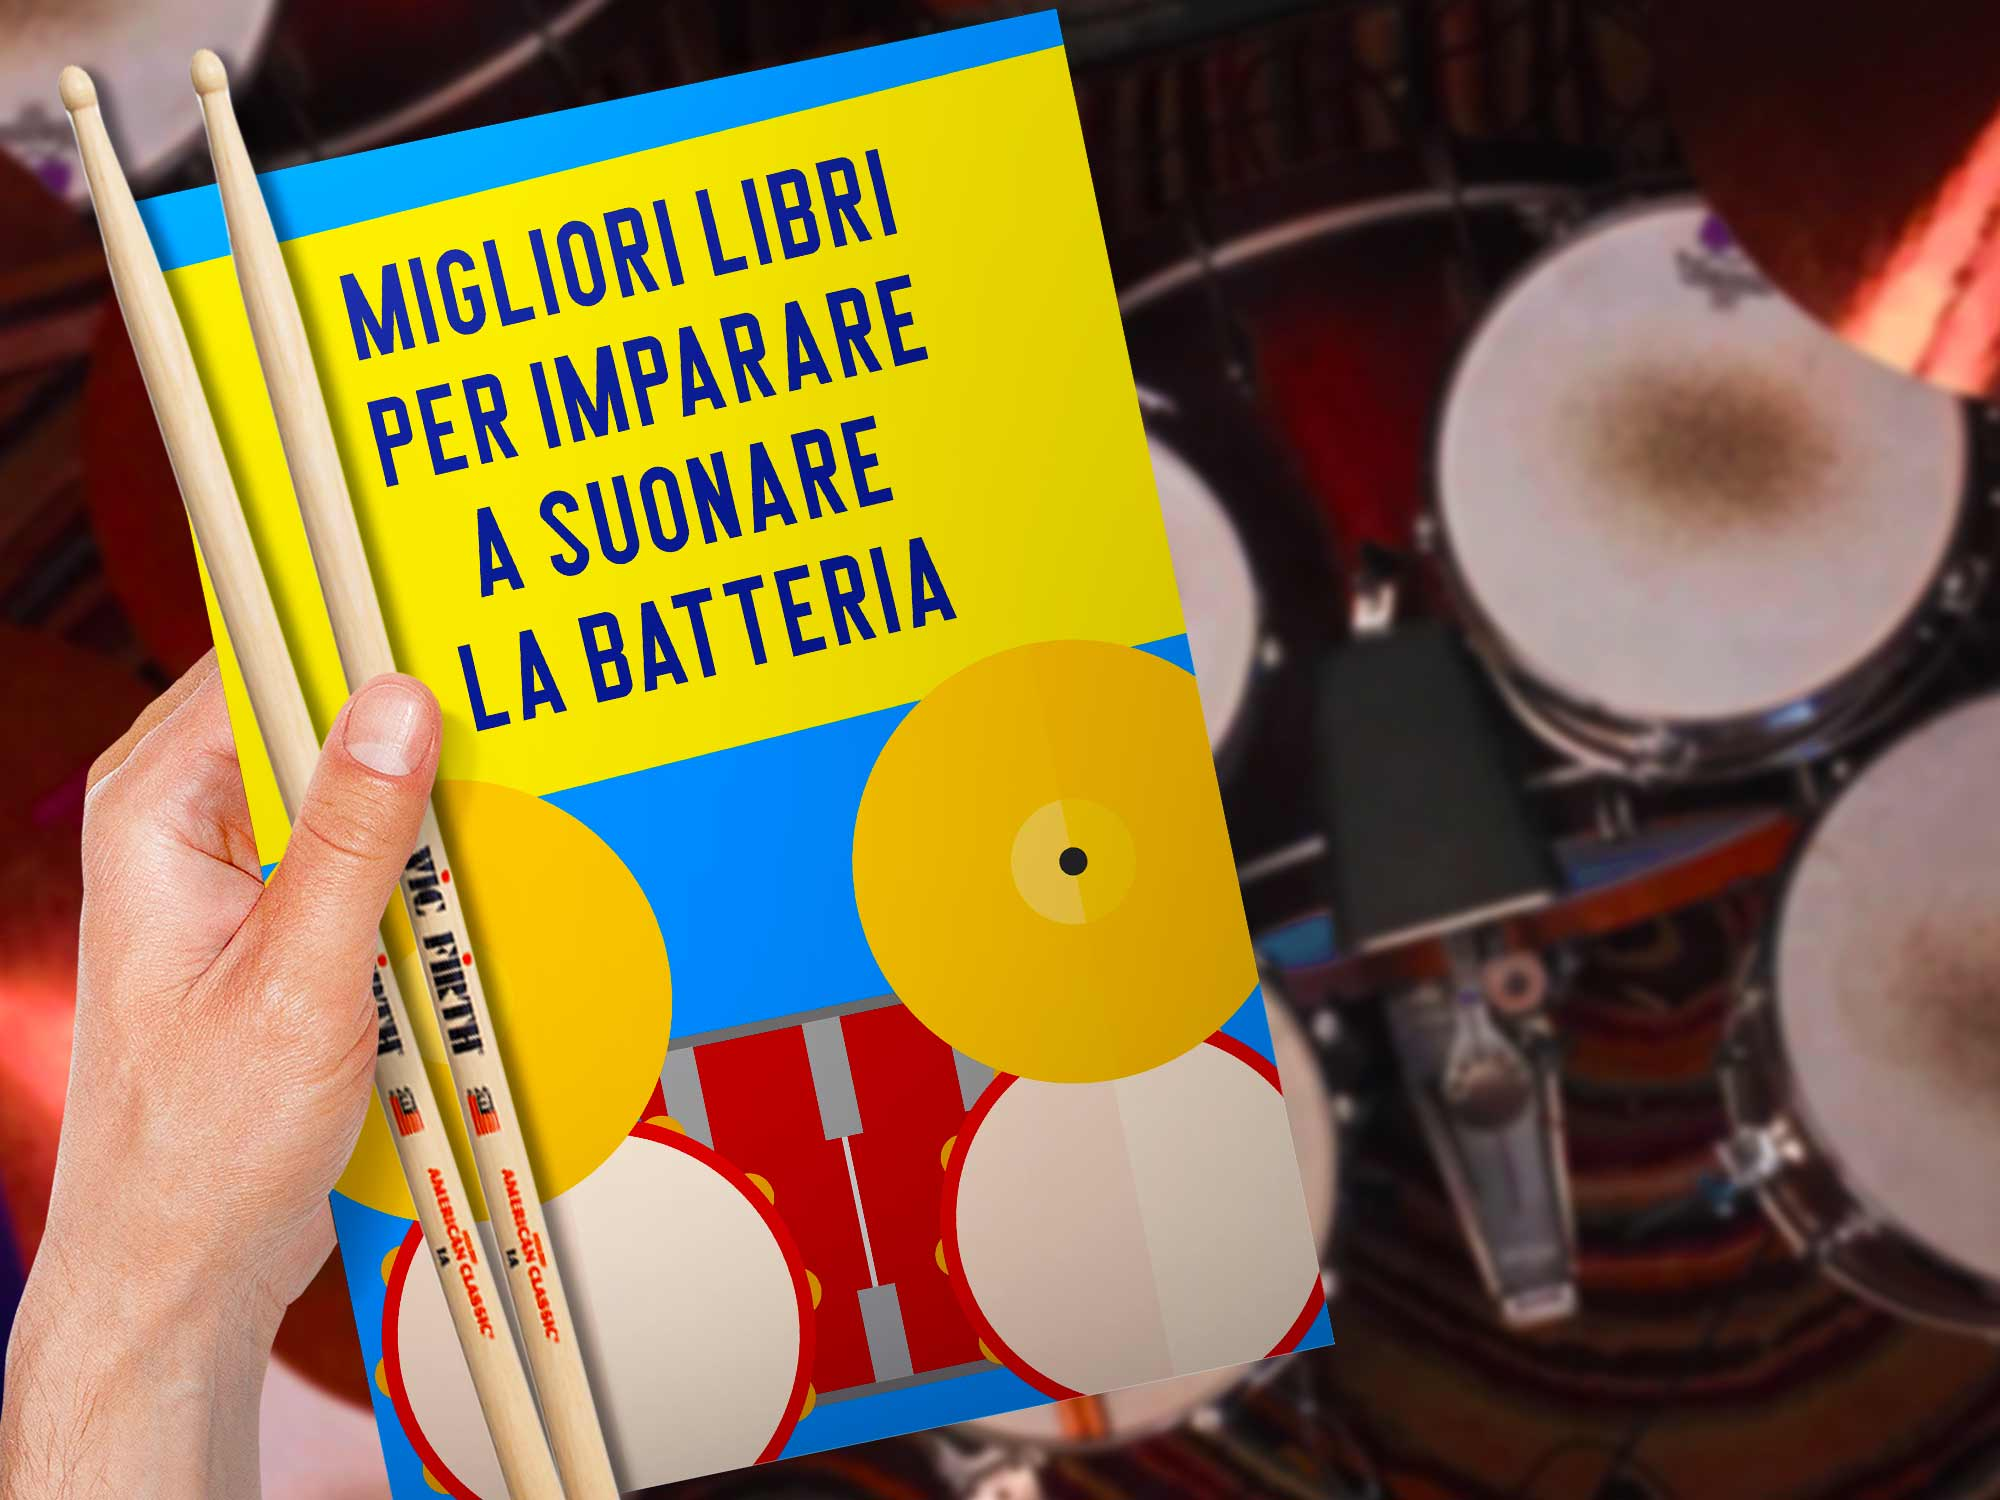 Libri Per Imparare A Suonare La Batteria | Miglior Libro Batteristi Autodidatti